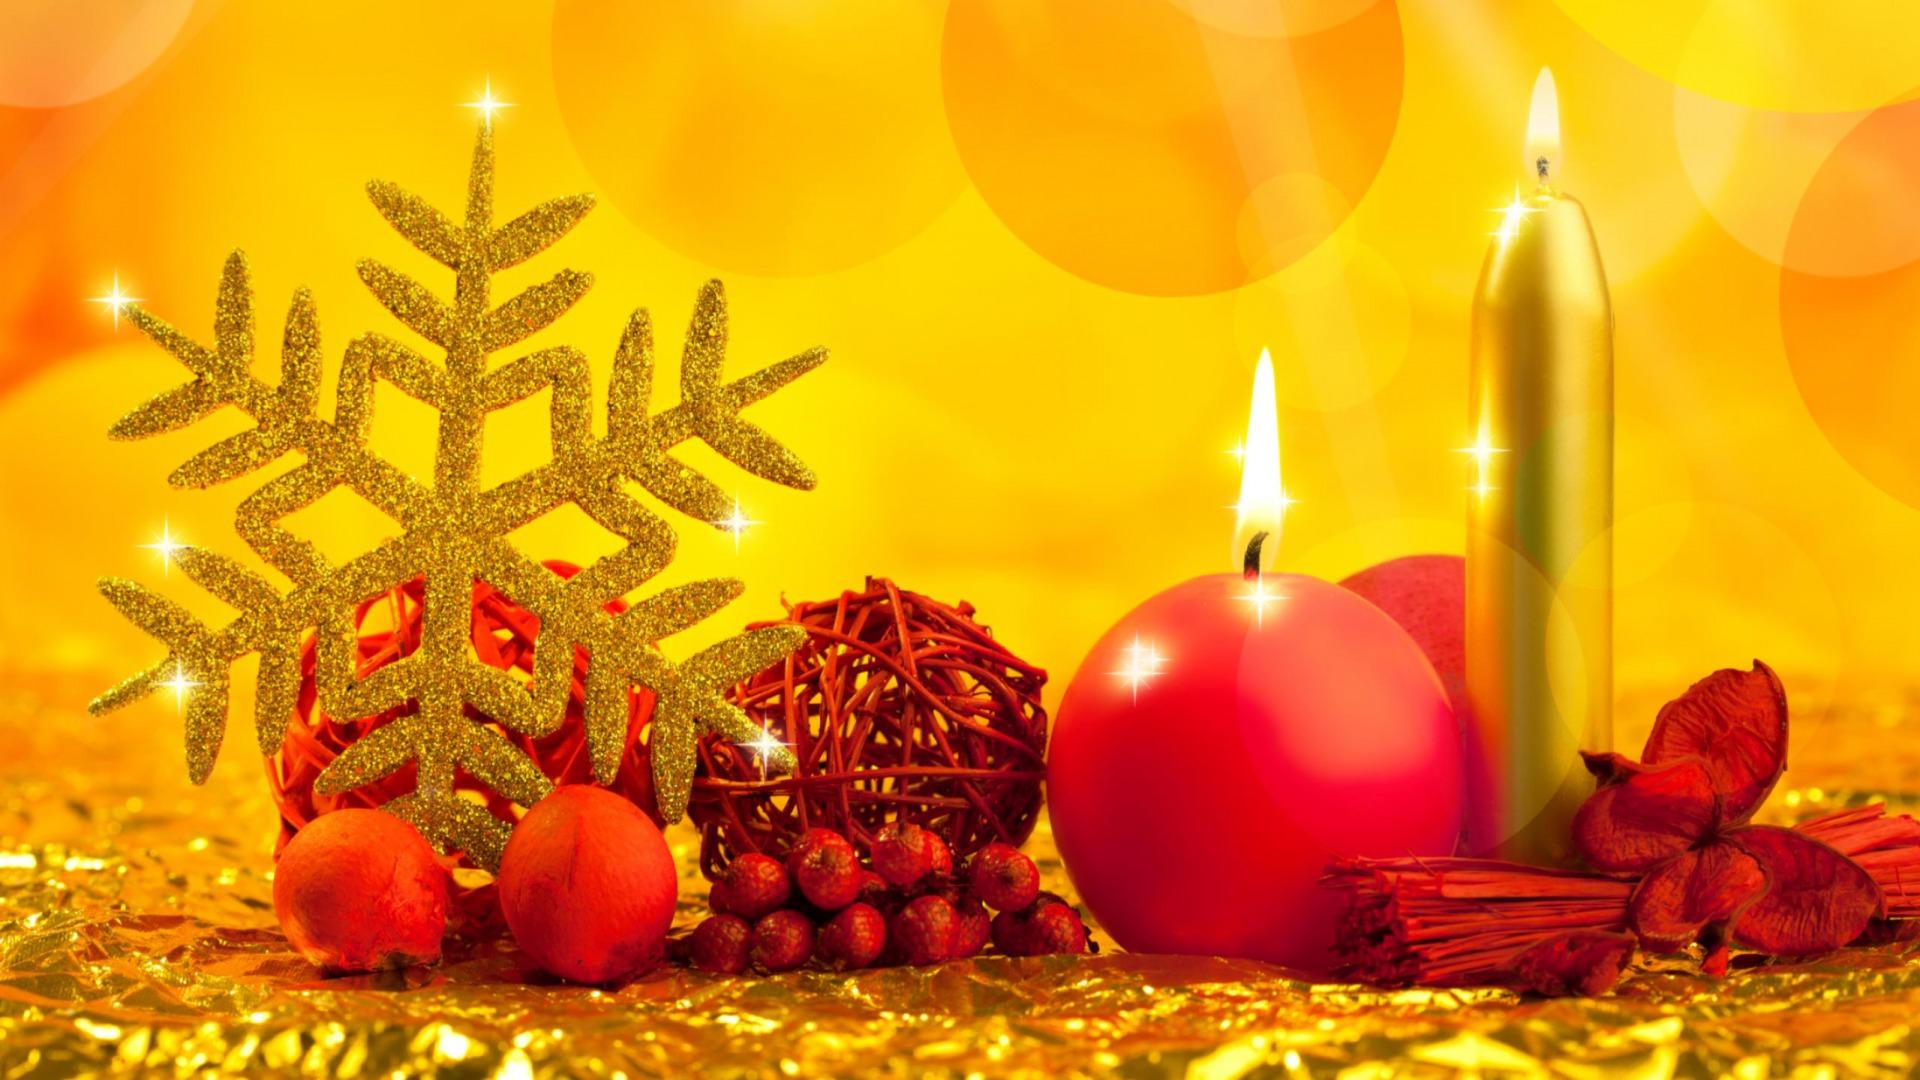 Bộ Sưu Tập Ảnh Giáng Sinh - Page 3 Christmascandles111